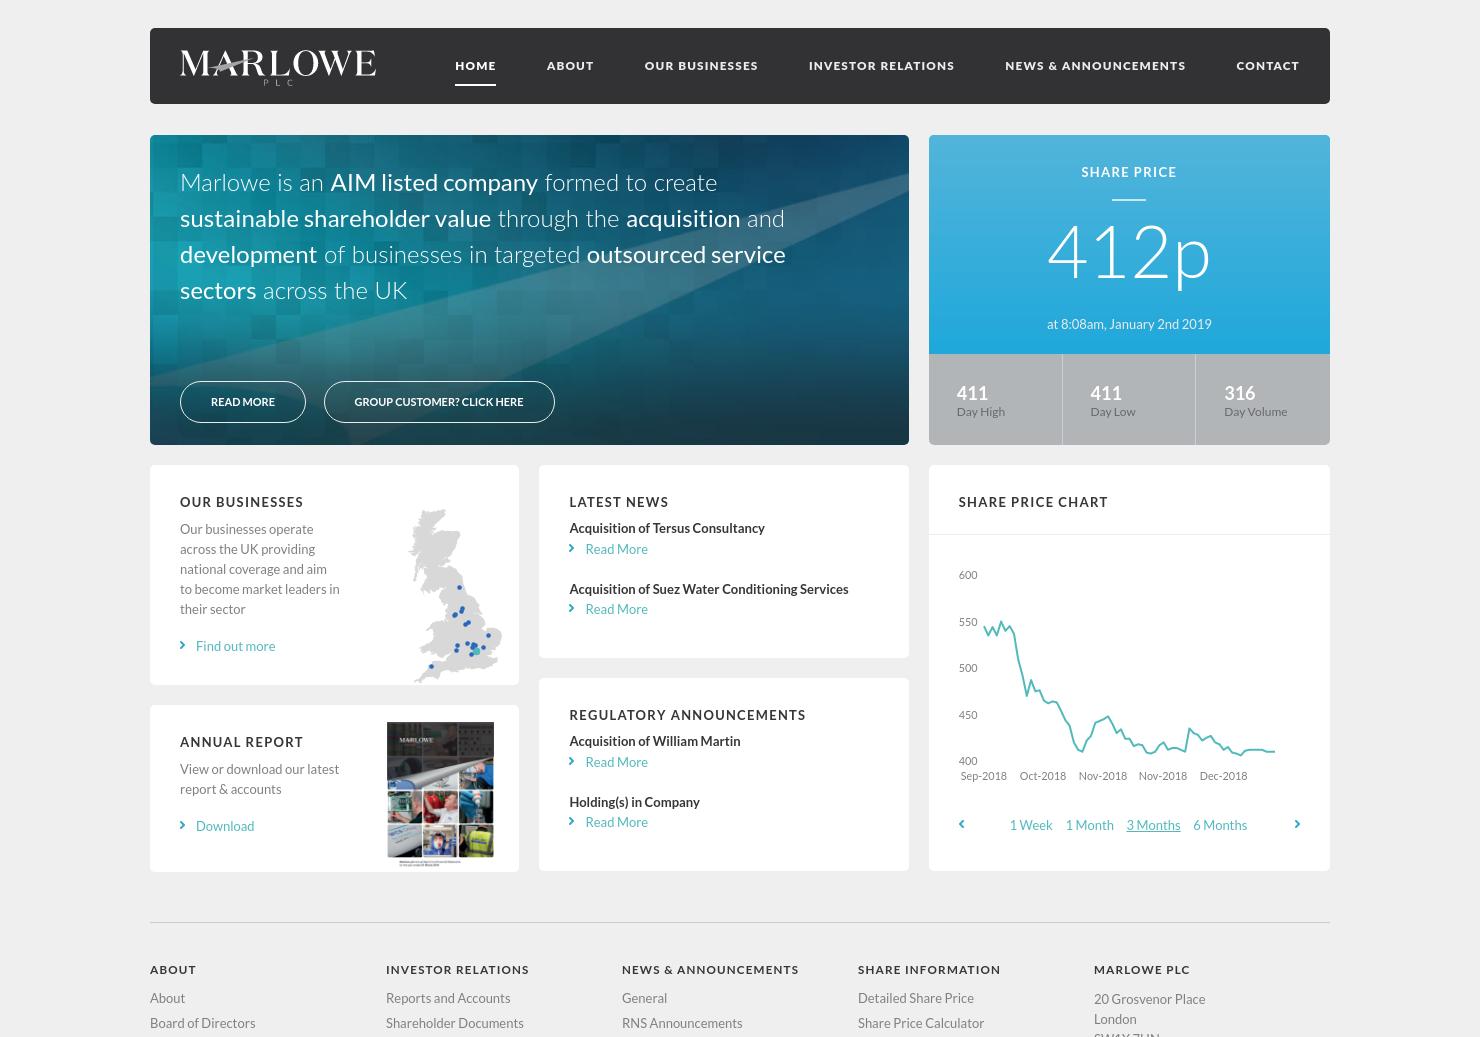 Marlowe Home Page